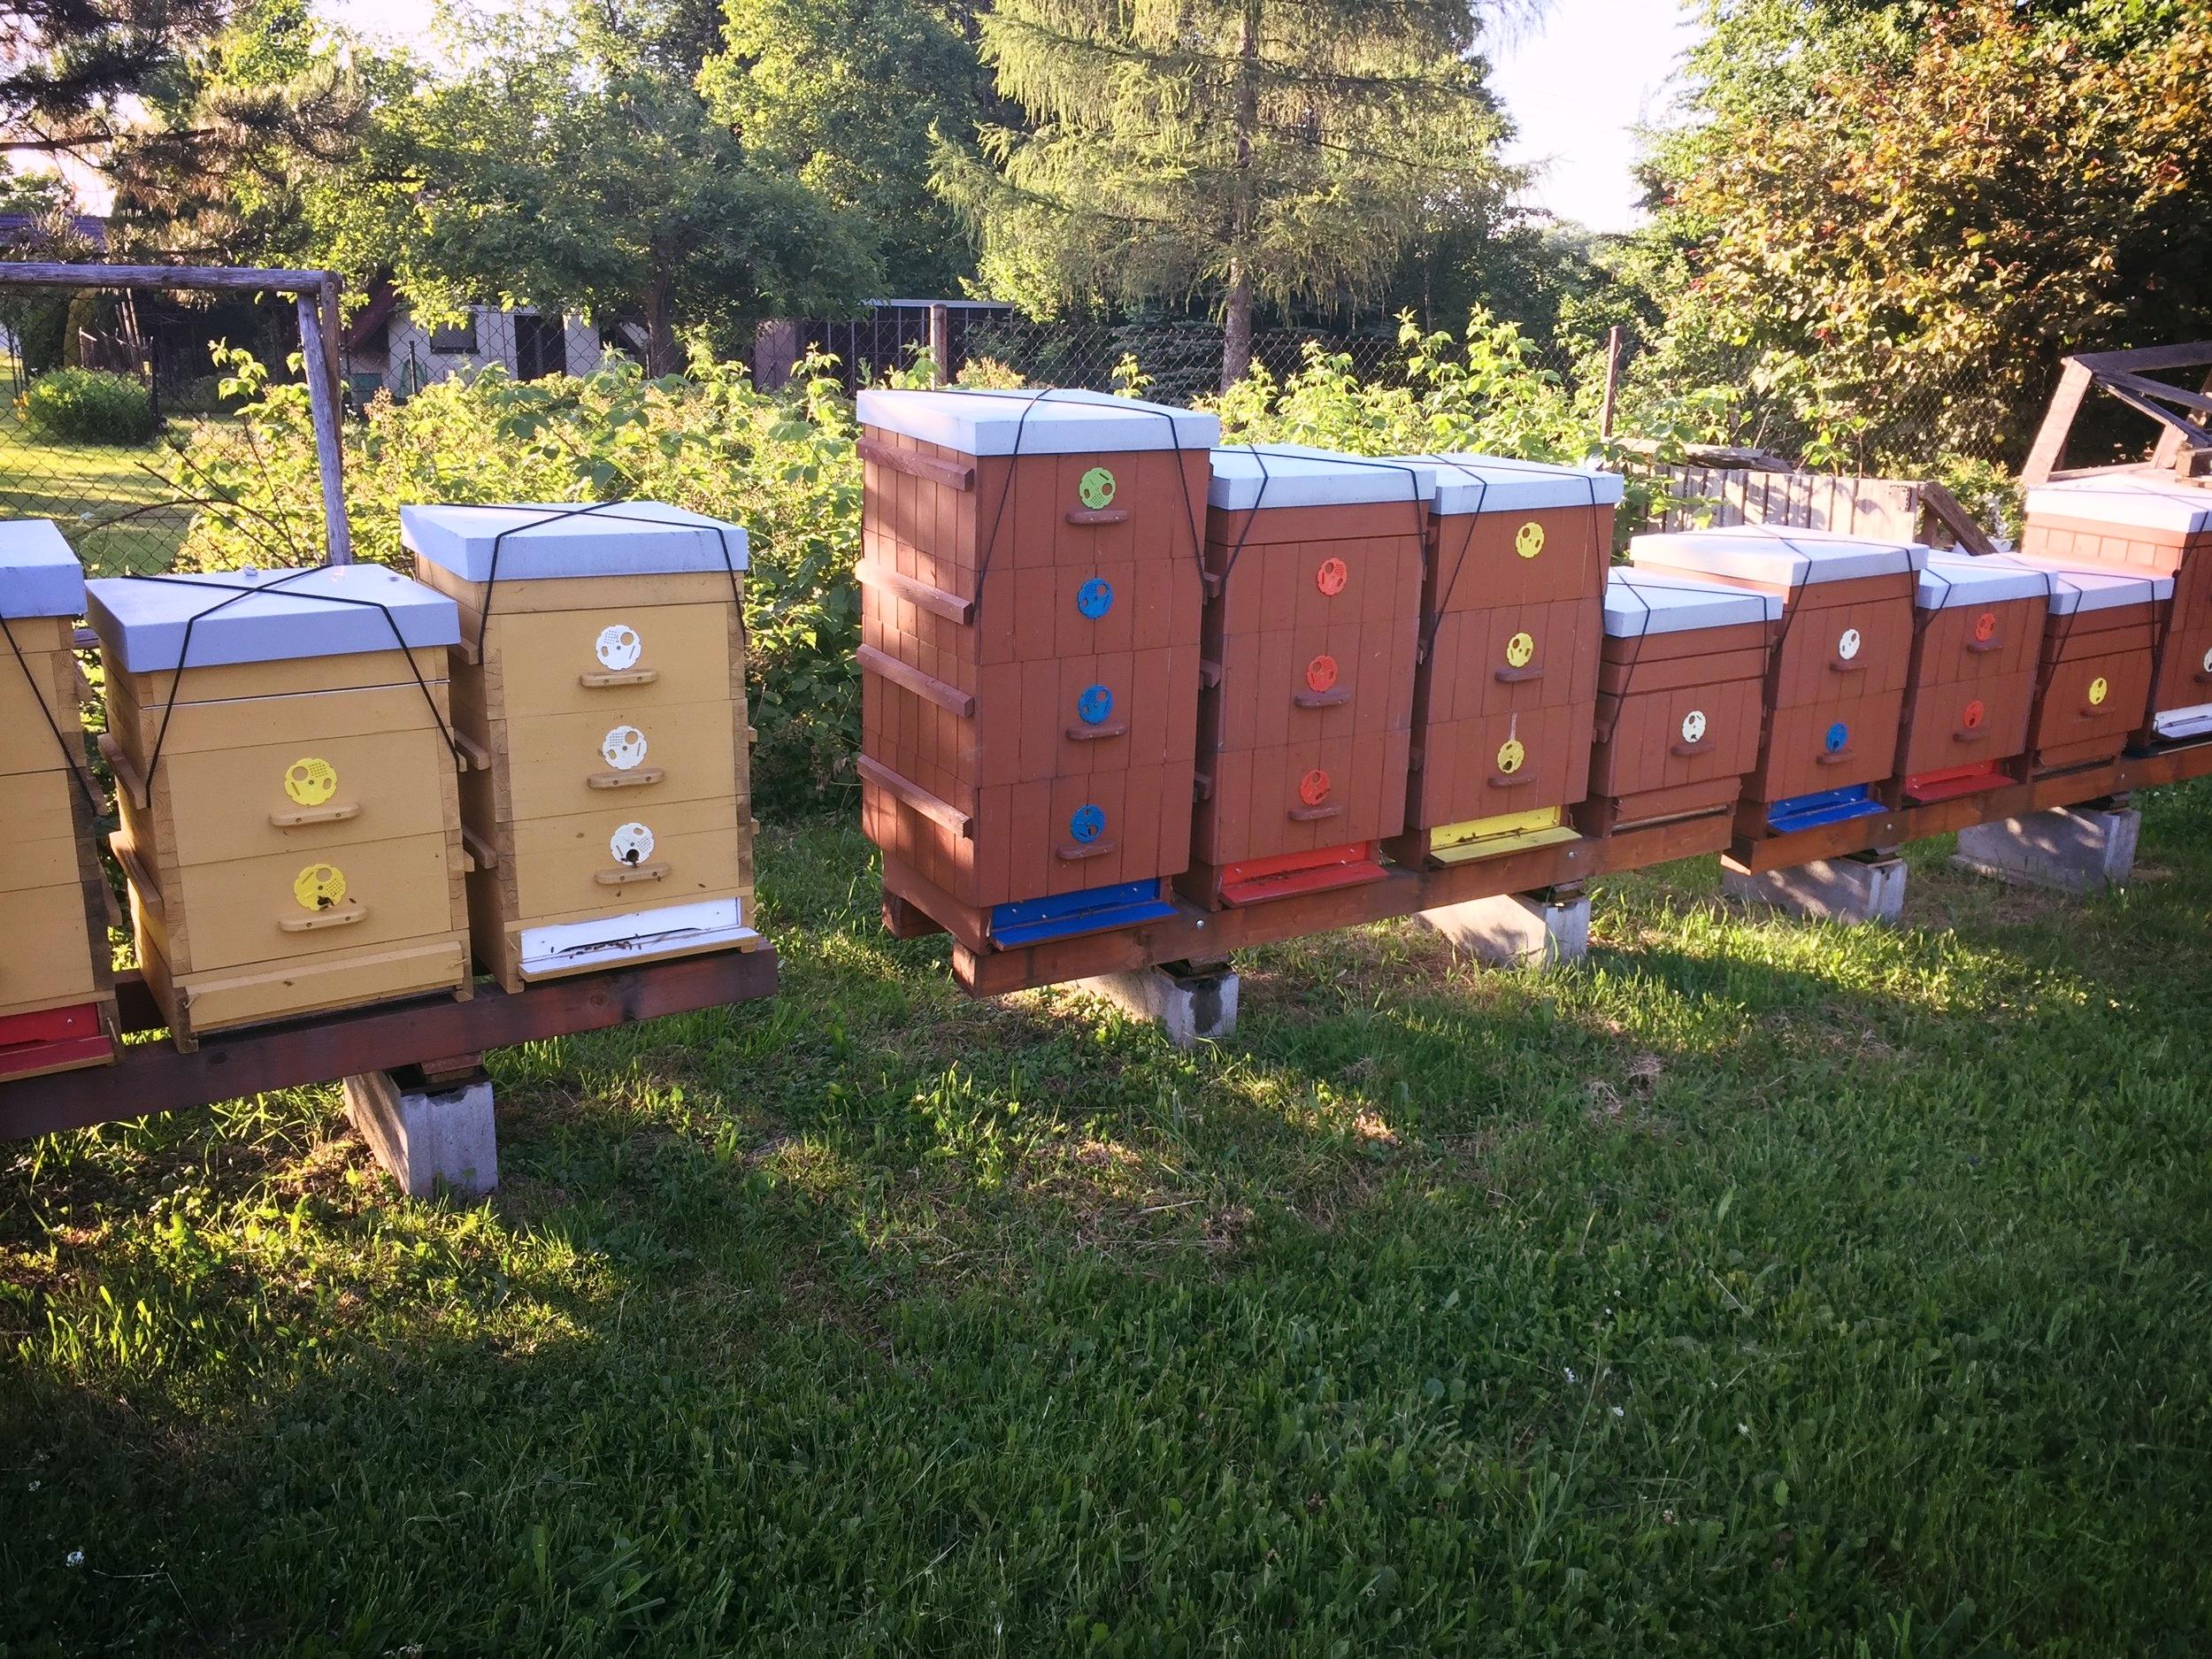 vítání léta v Trojanovicích, ktgardens, zahrada, úly, včely